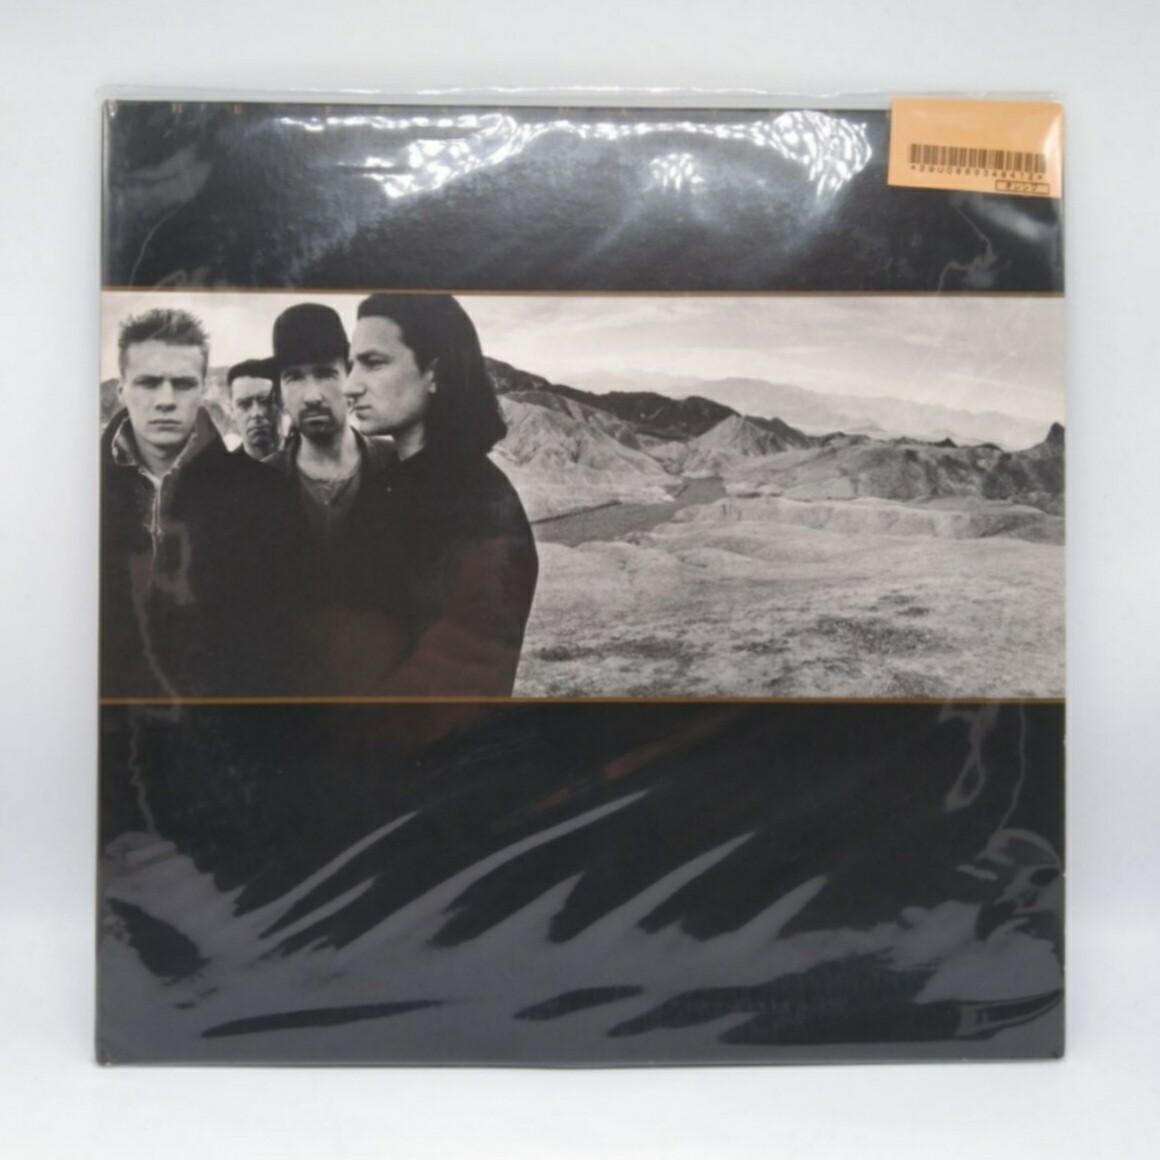 [USED] U2 -JOSHUA TREE- LP